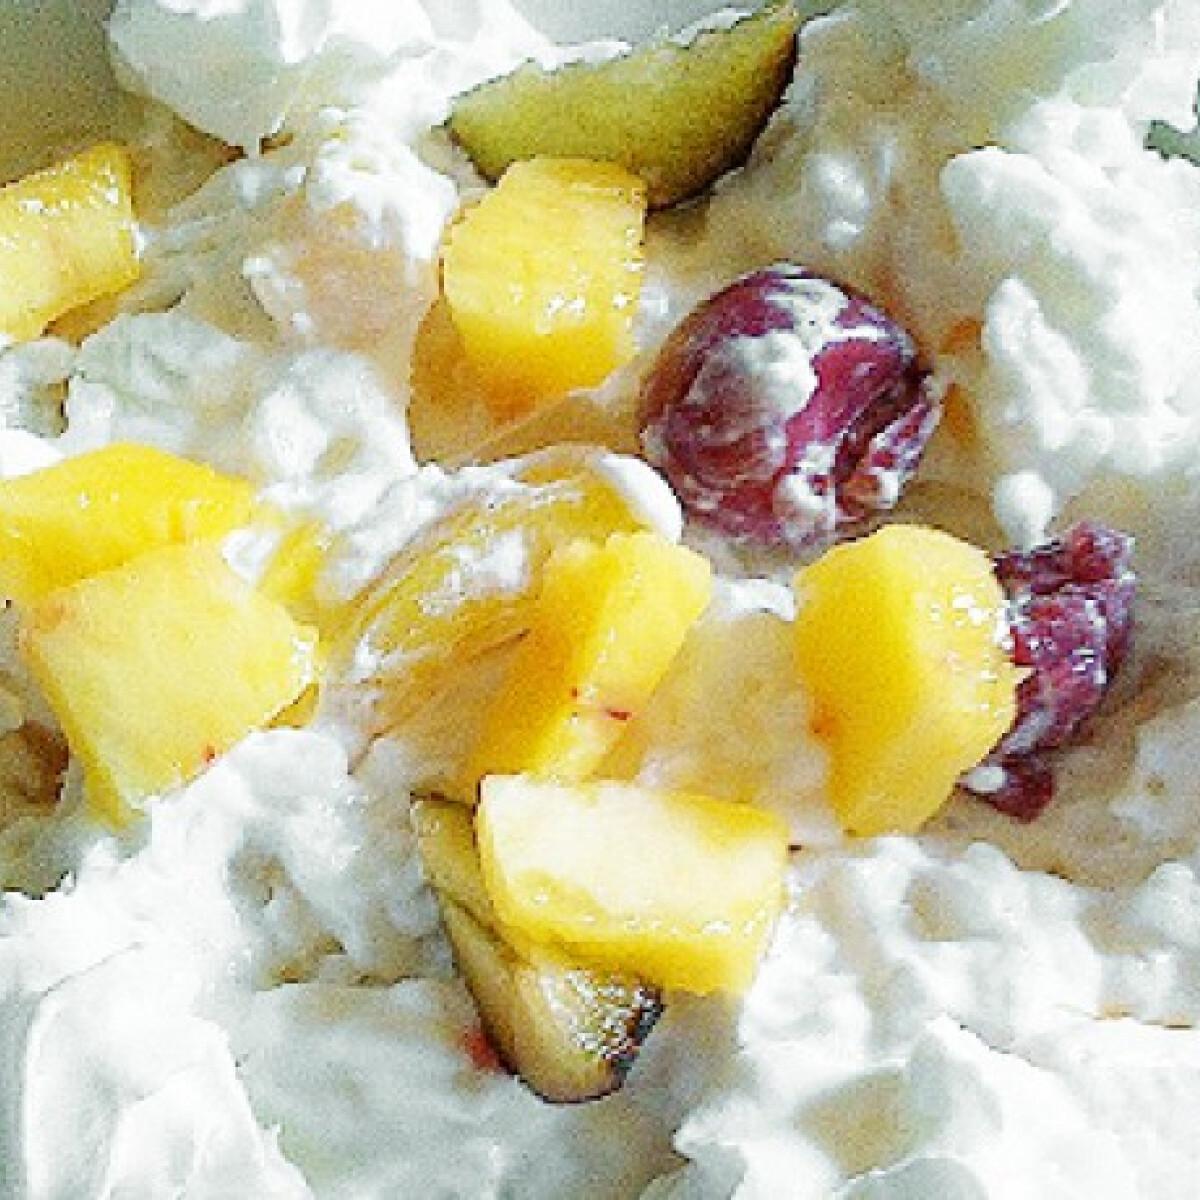 Ezen a képen: Gyümölcsrizs ahogy zora készíti